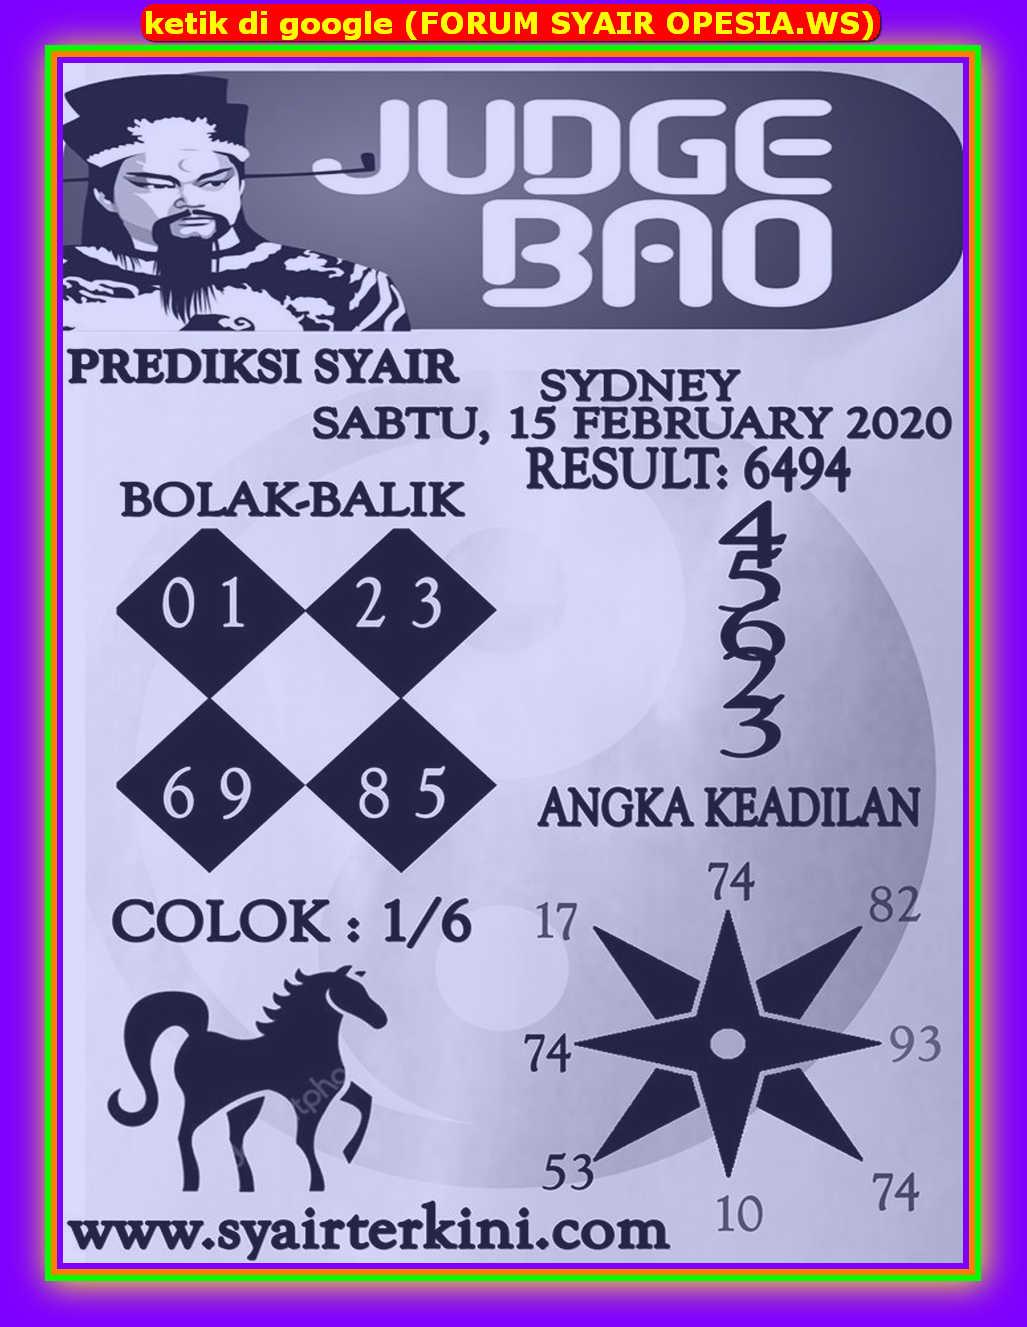 Kode syair Sydney Sabtu 15 Februari 2020 147